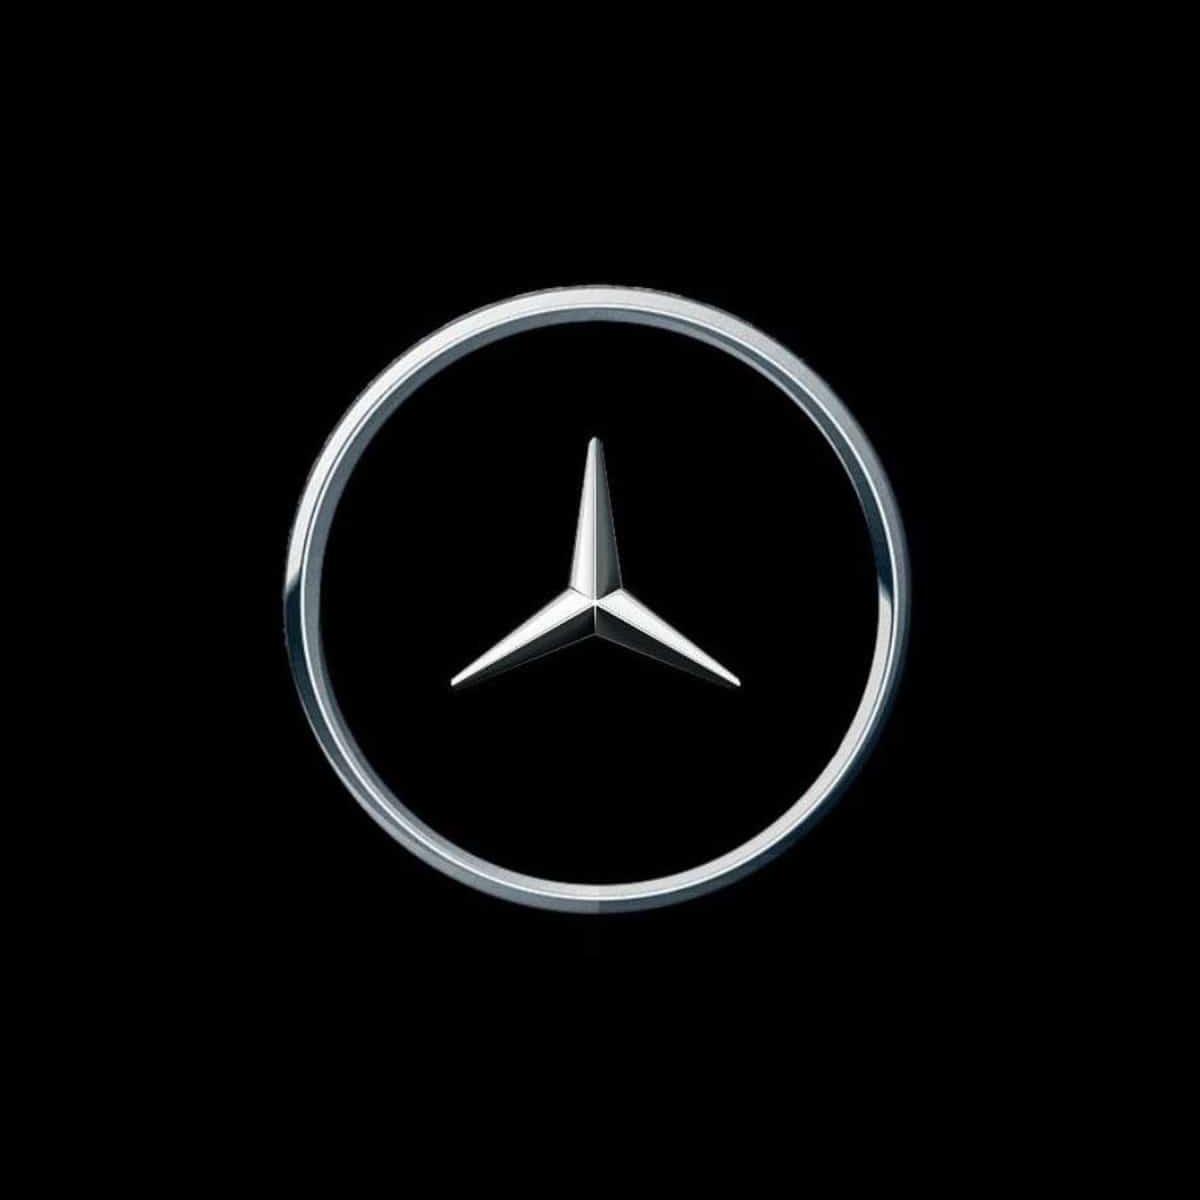 Le logo Mercedes re-designé pour le COVID-19